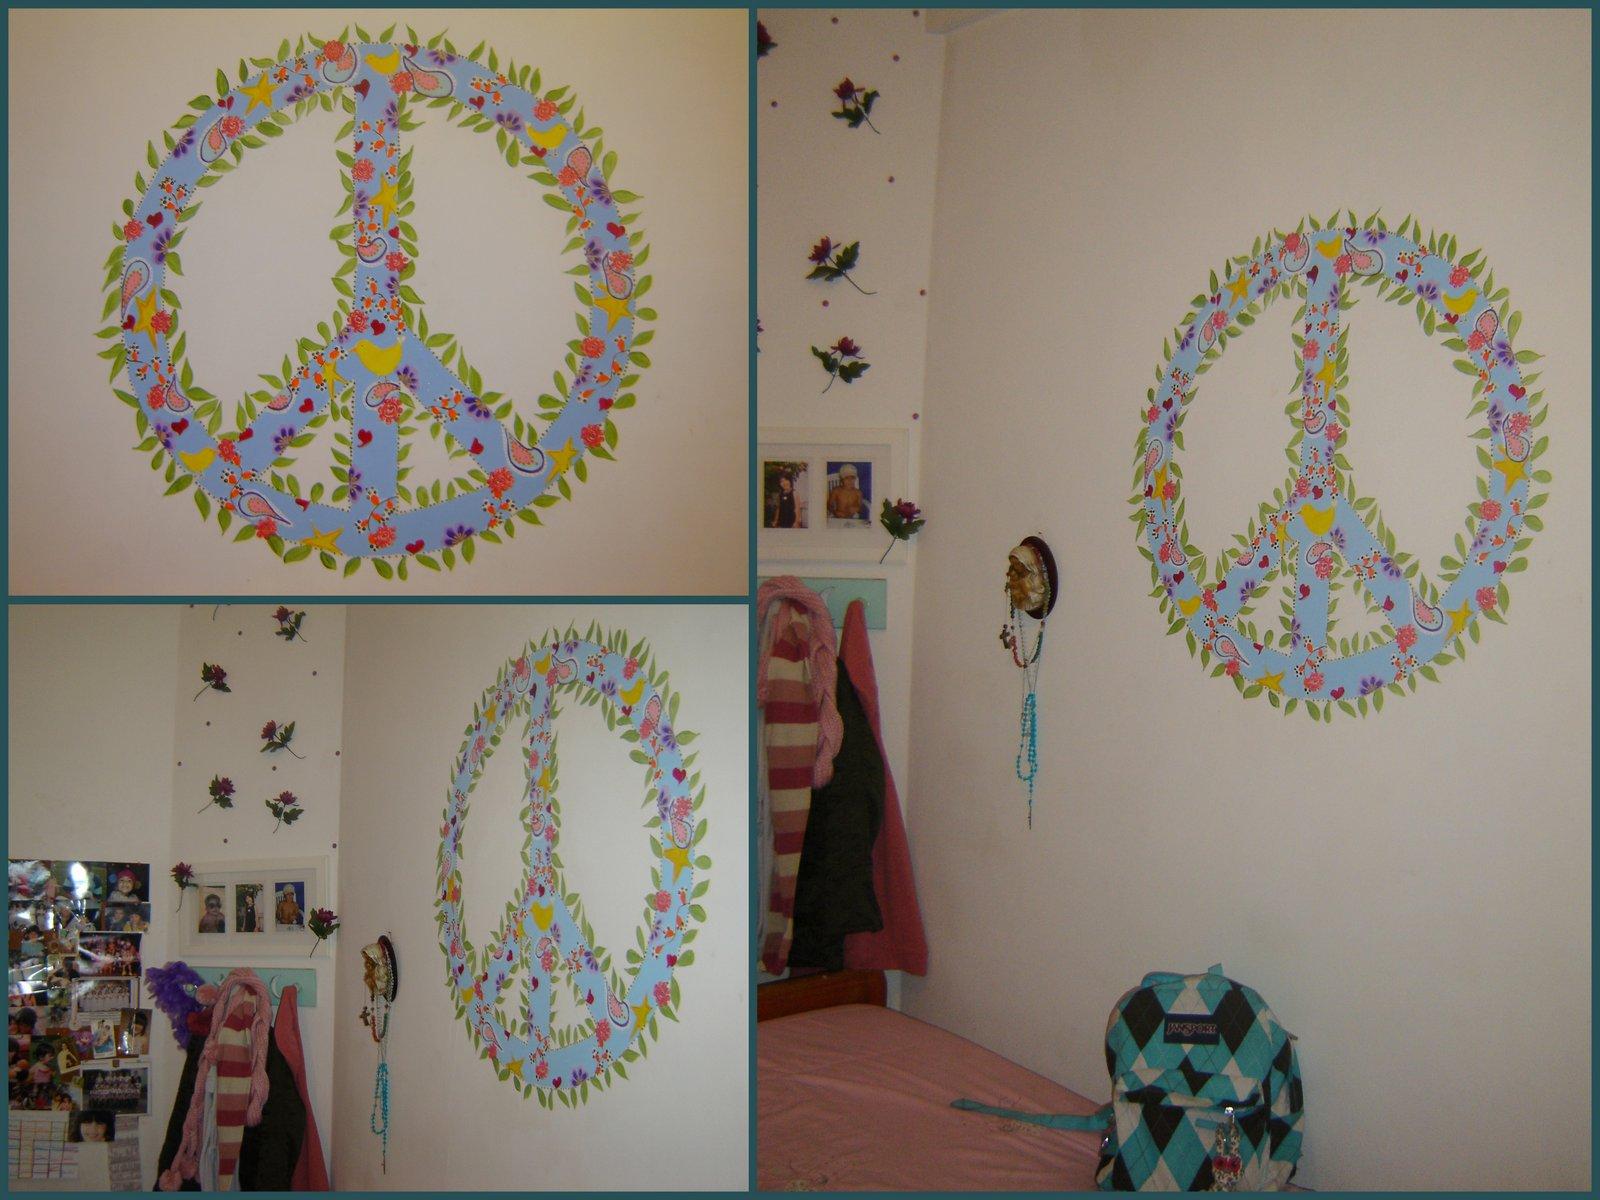 Como en cuentos mural cuarto ni a dise o signo de la paz for Murales diseno de interiores